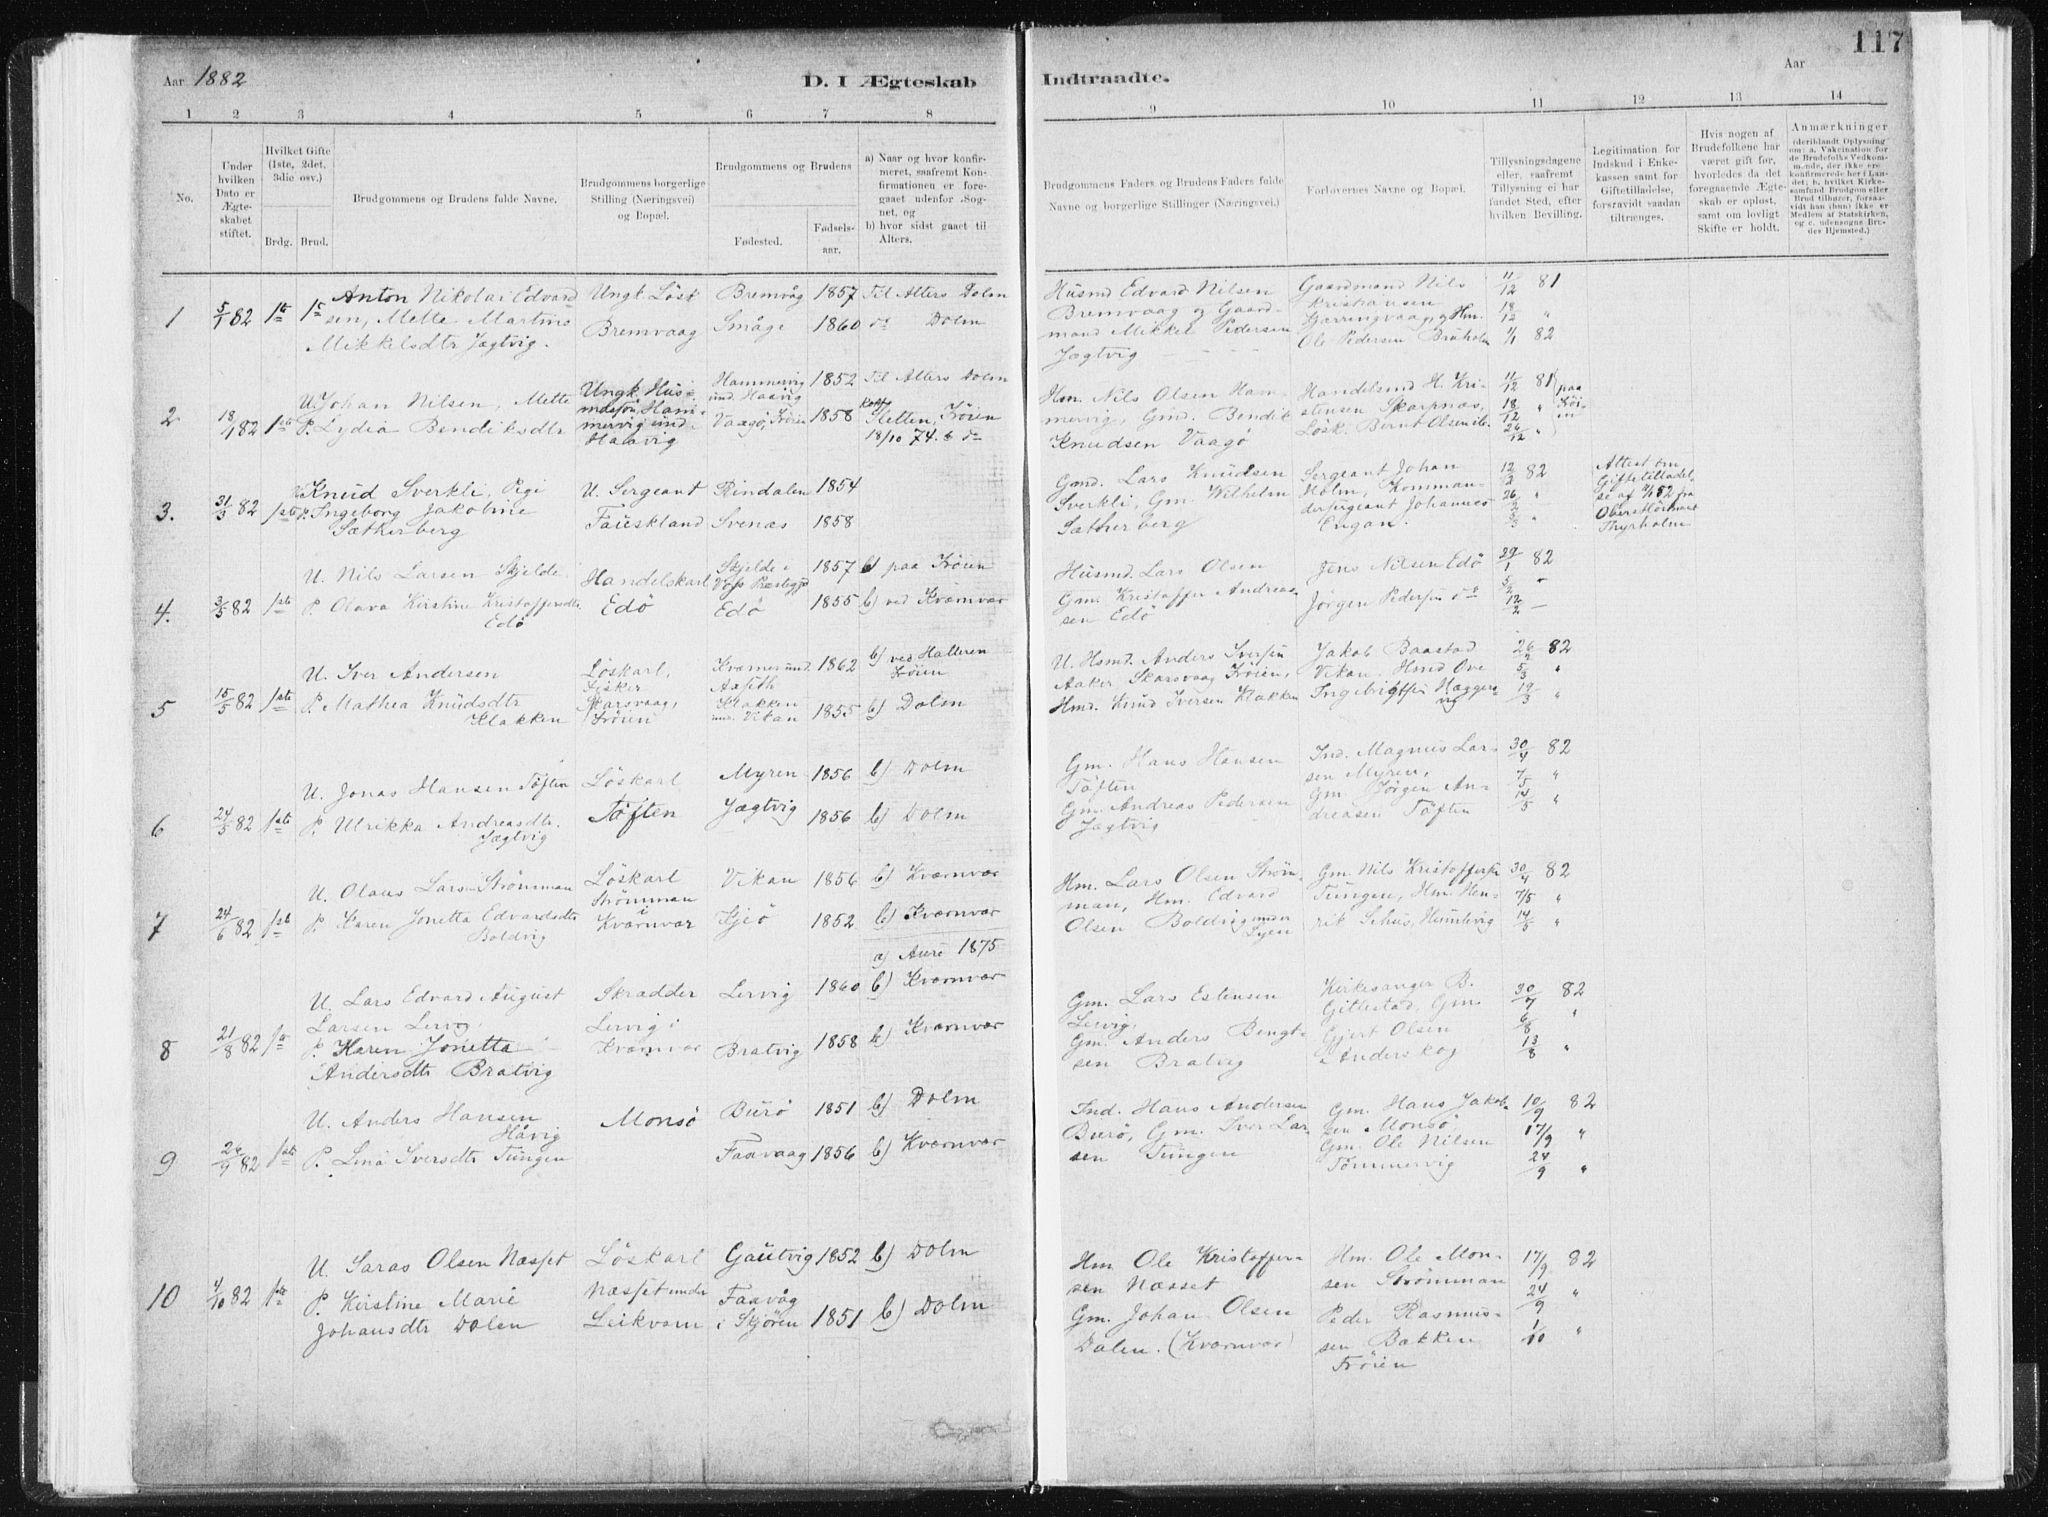 SAT, Ministerialprotokoller, klokkerbøker og fødselsregistre - Sør-Trøndelag, 634/L0533: Ministerialbok nr. 634A09, 1882-1901, s. 117